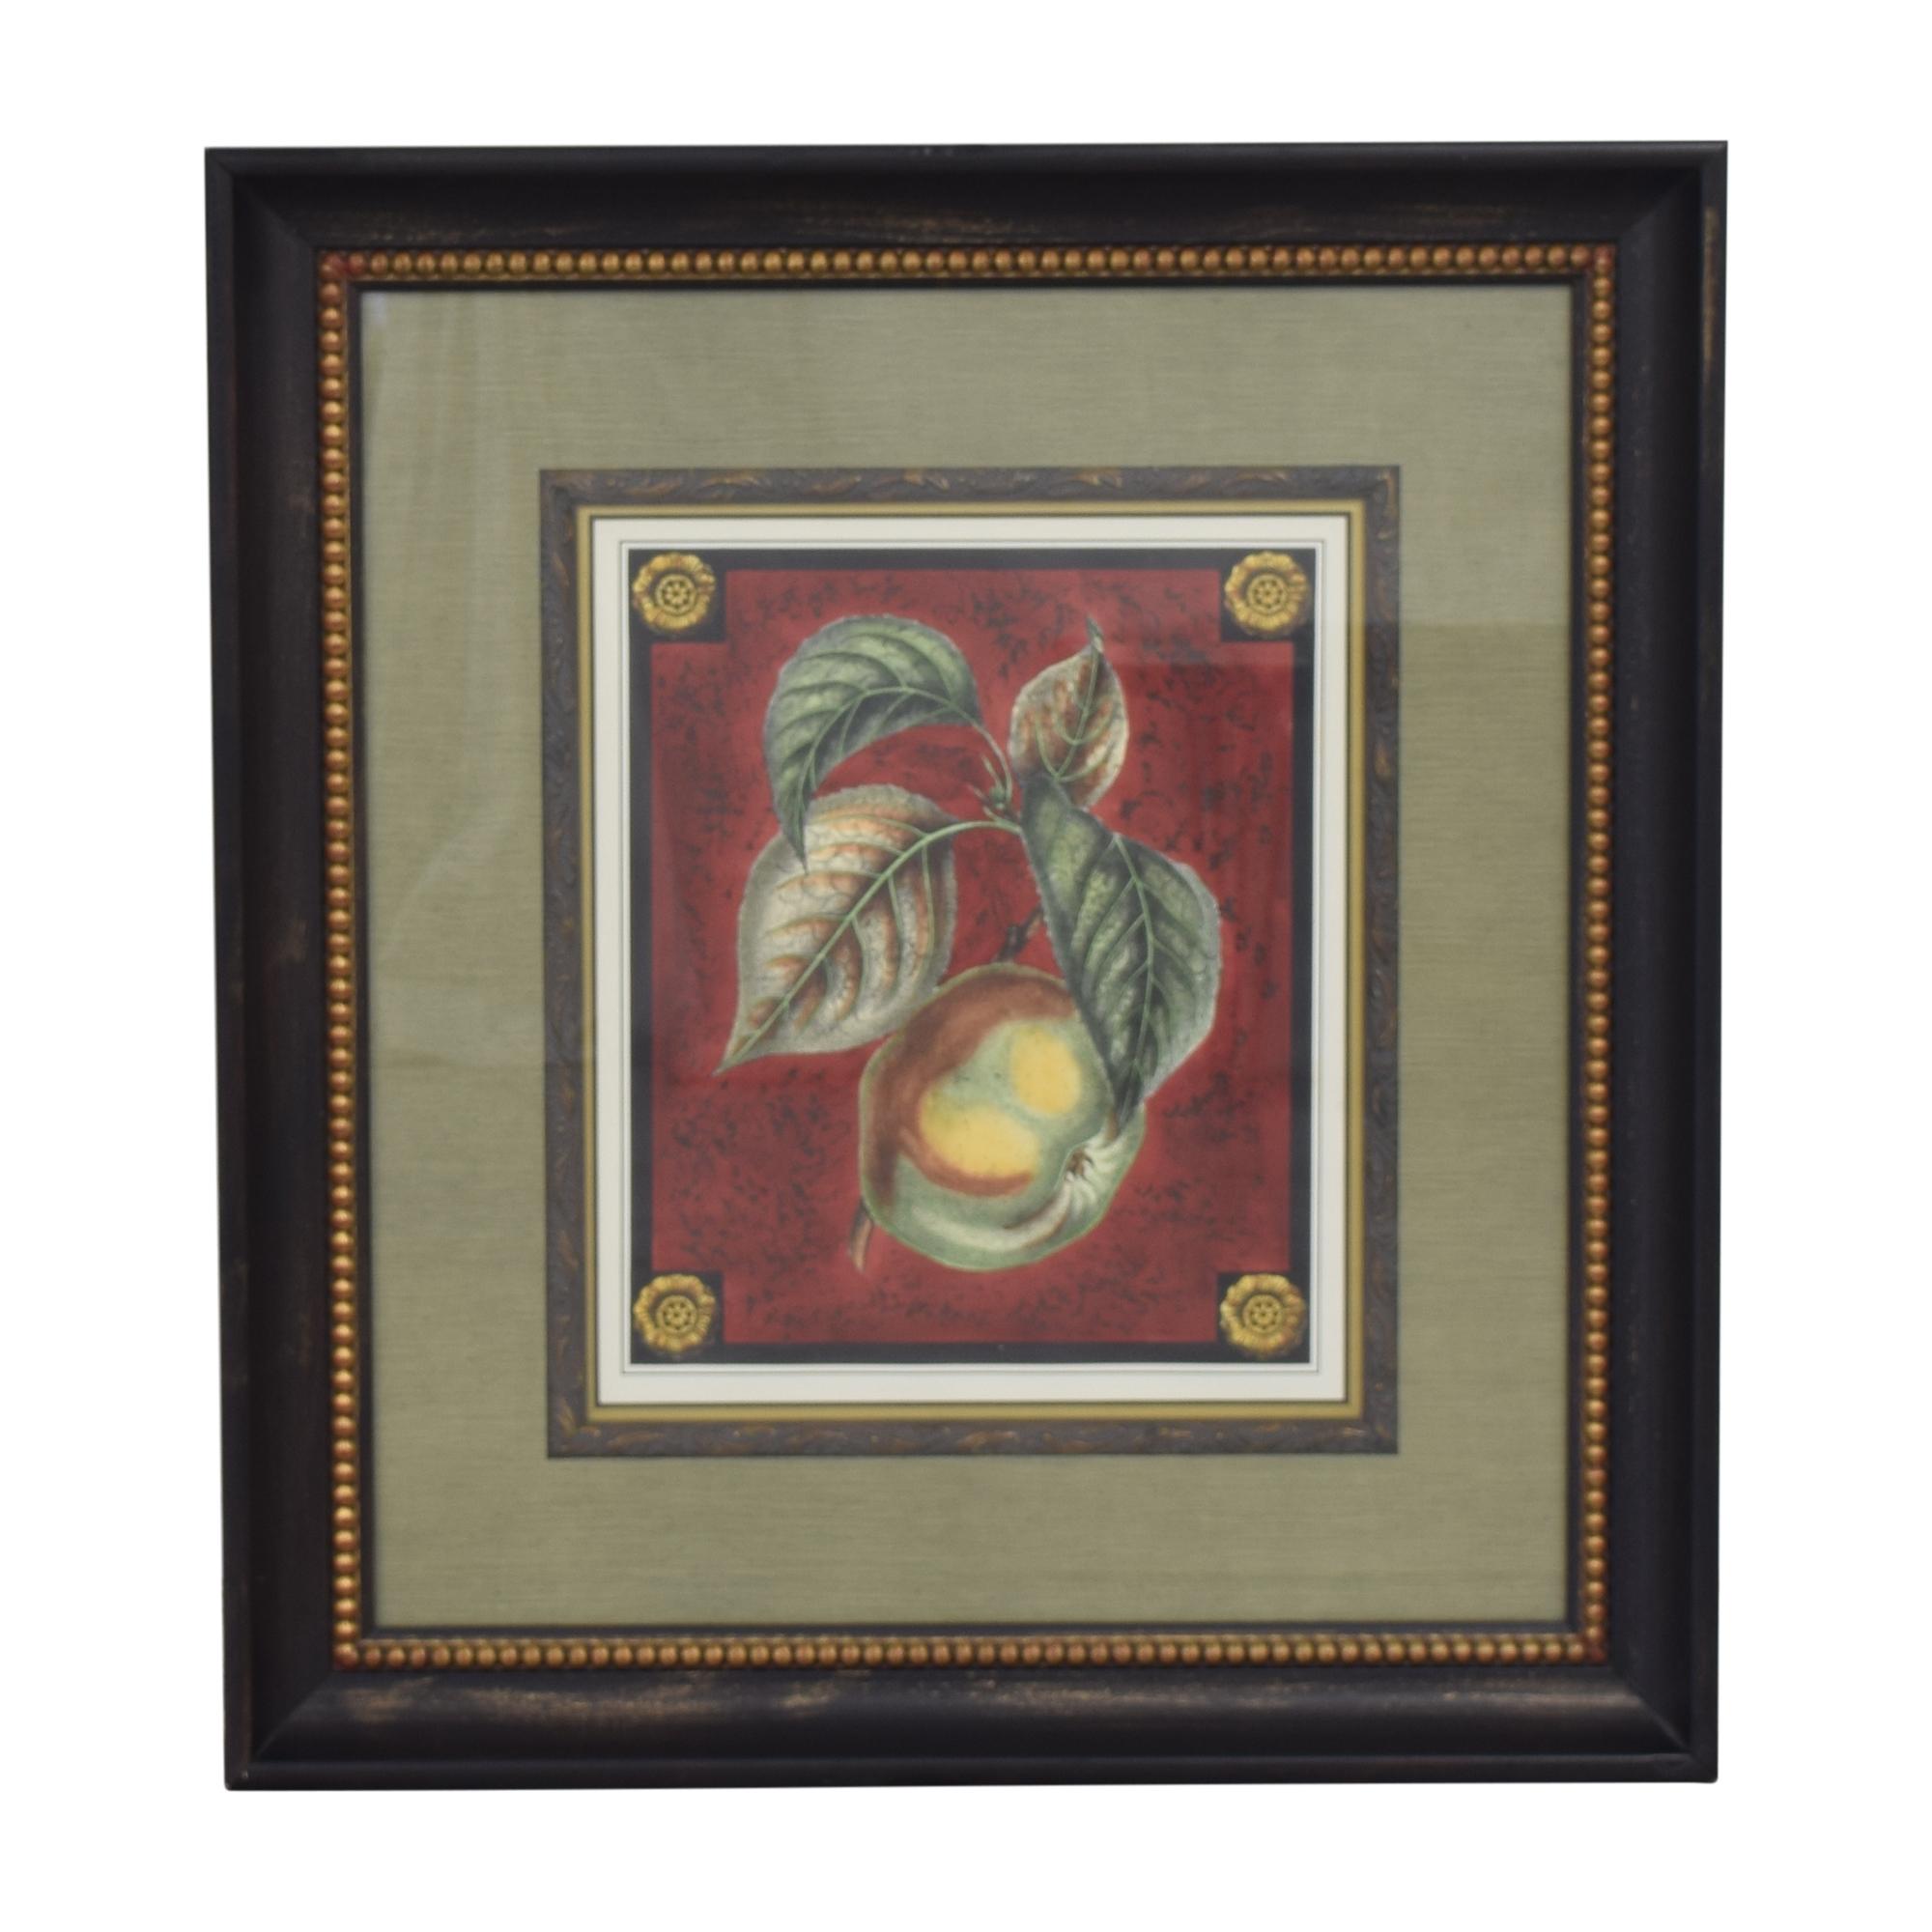 Botanical Framed Wall Art for sale